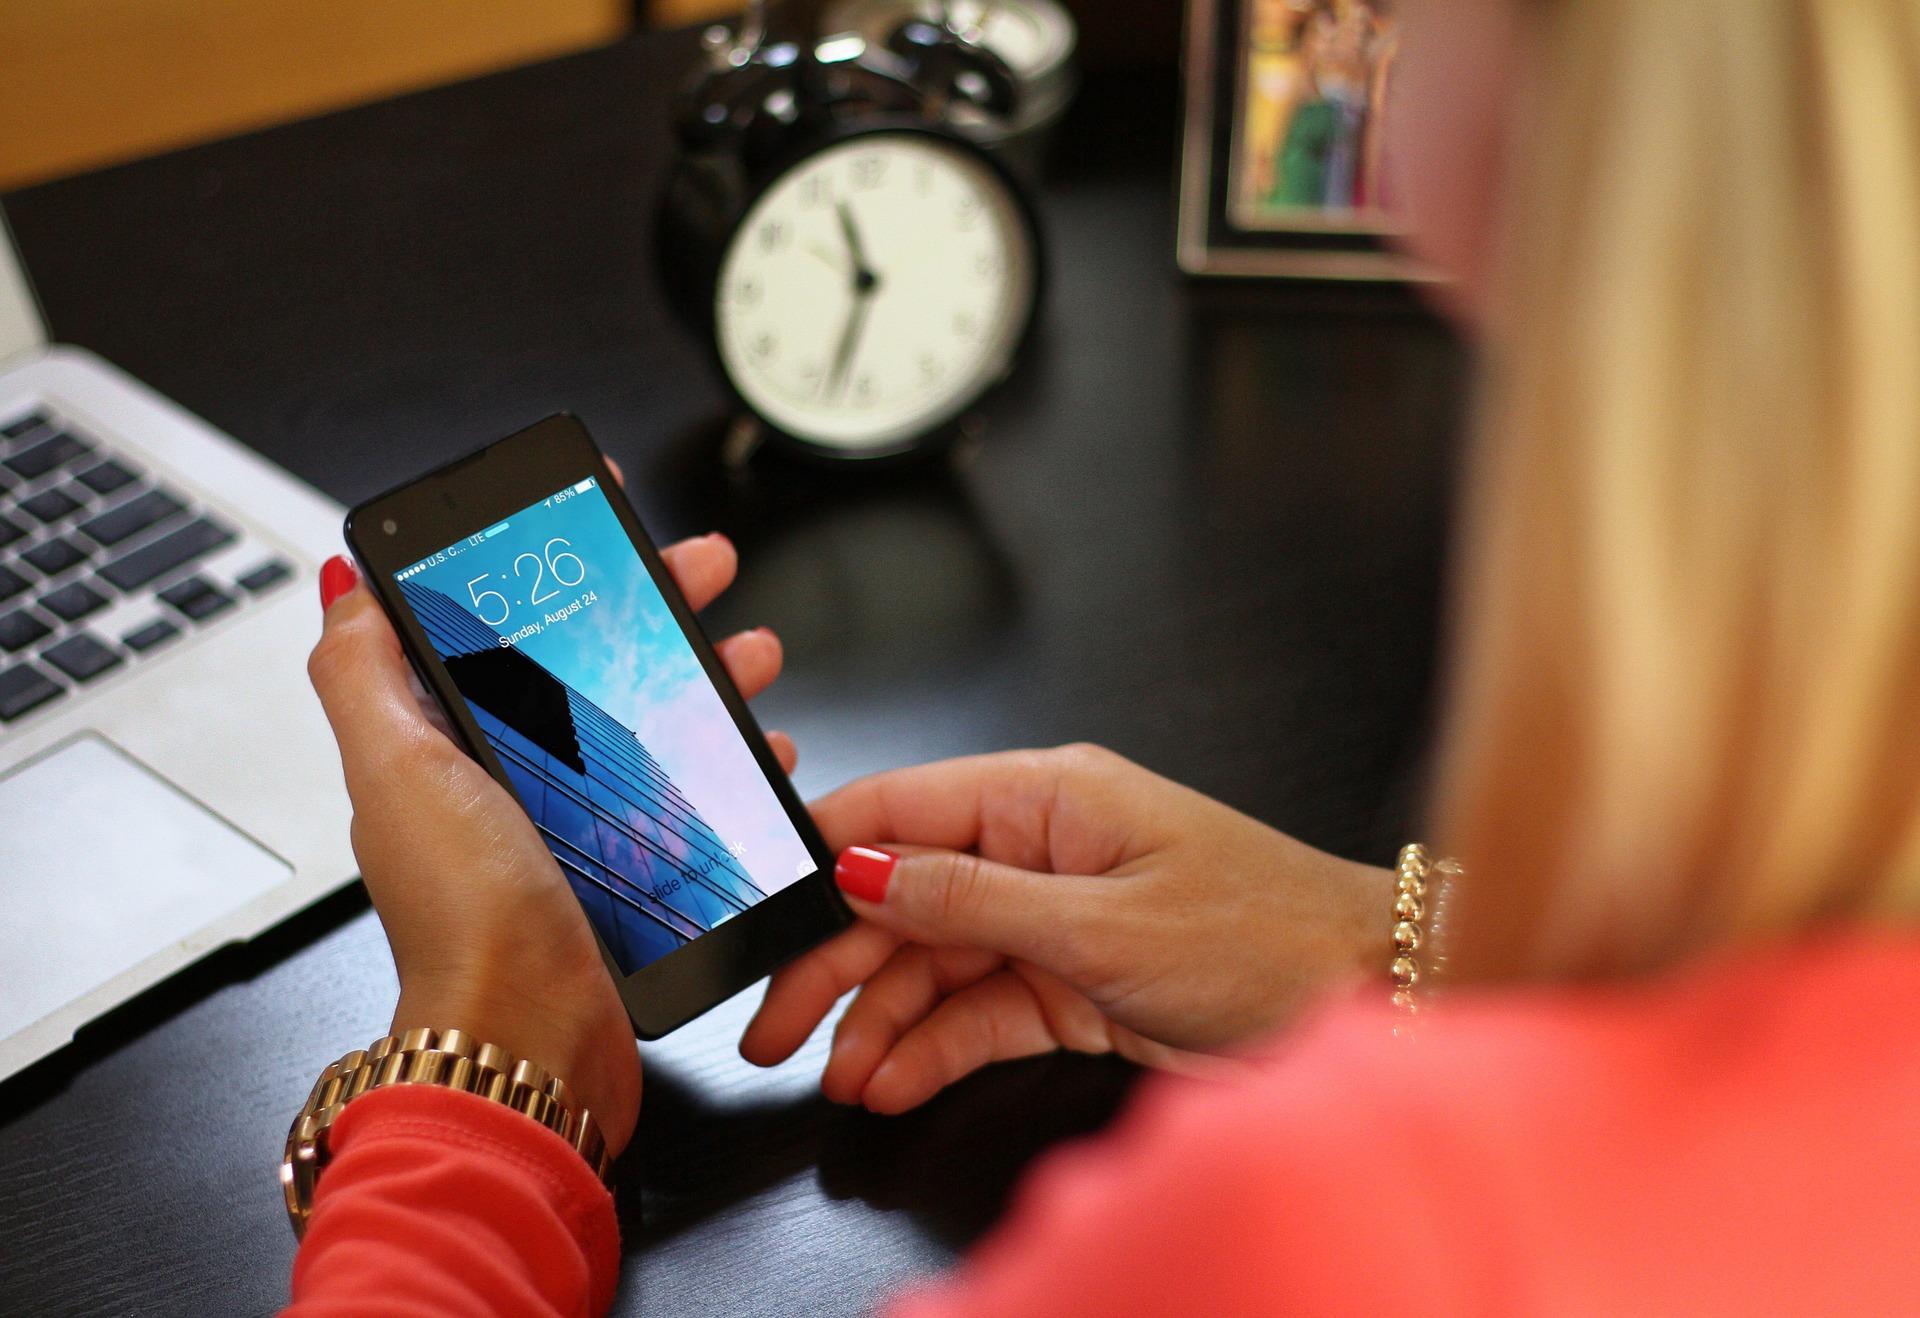 Imagem mostra uma pessoa mexendo em um smartphone.